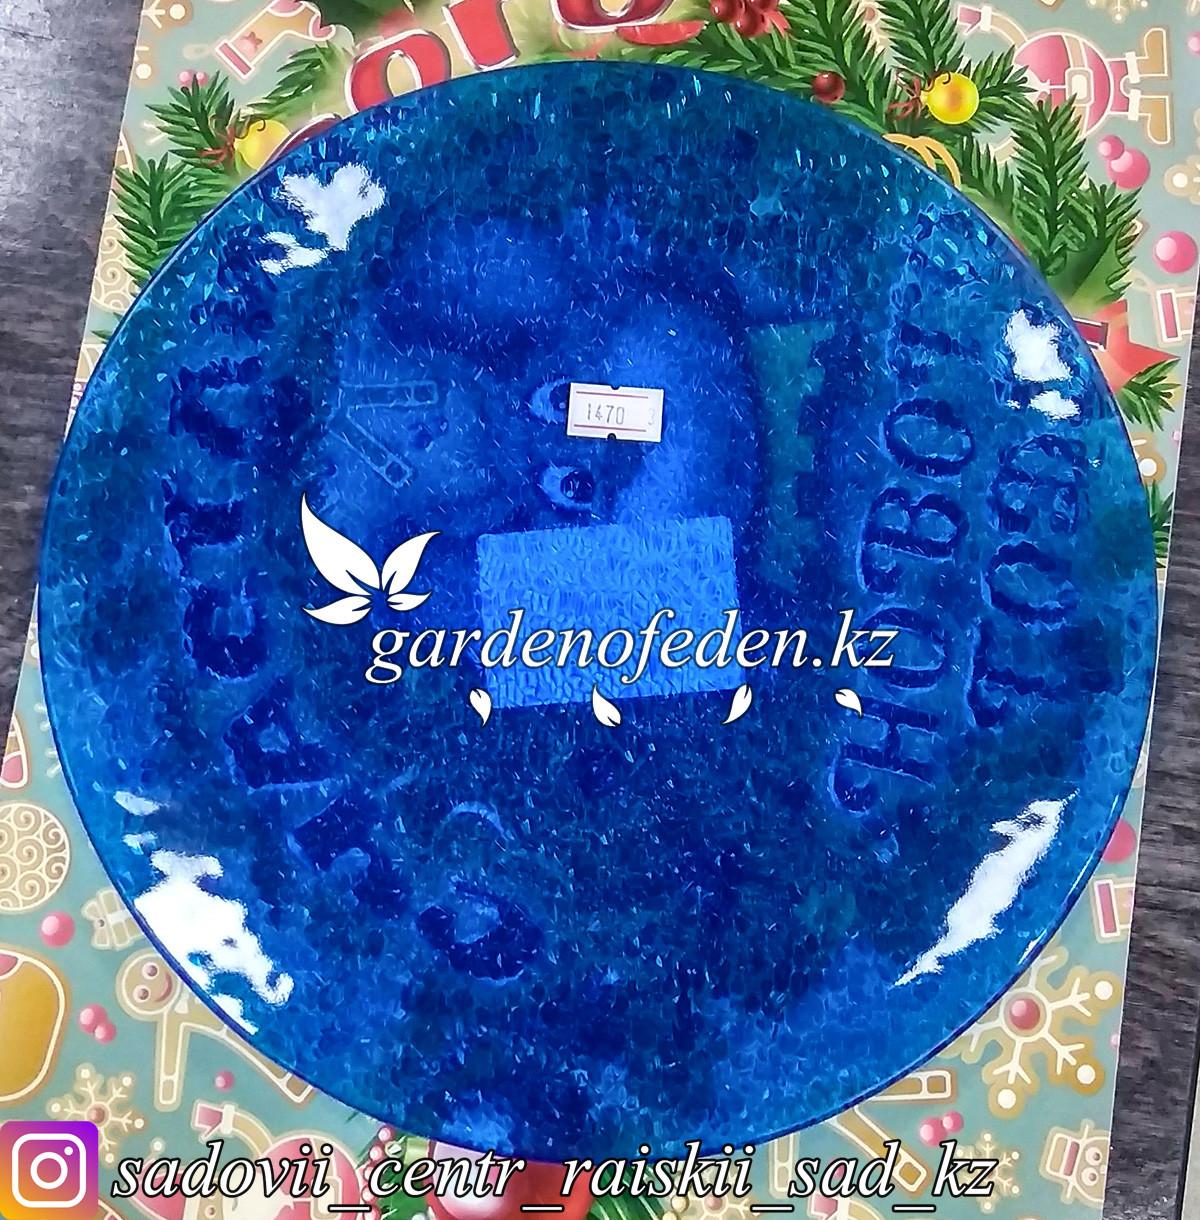 Тарелка десертная, большая. Цвет: Синий. Материал: Стекло.